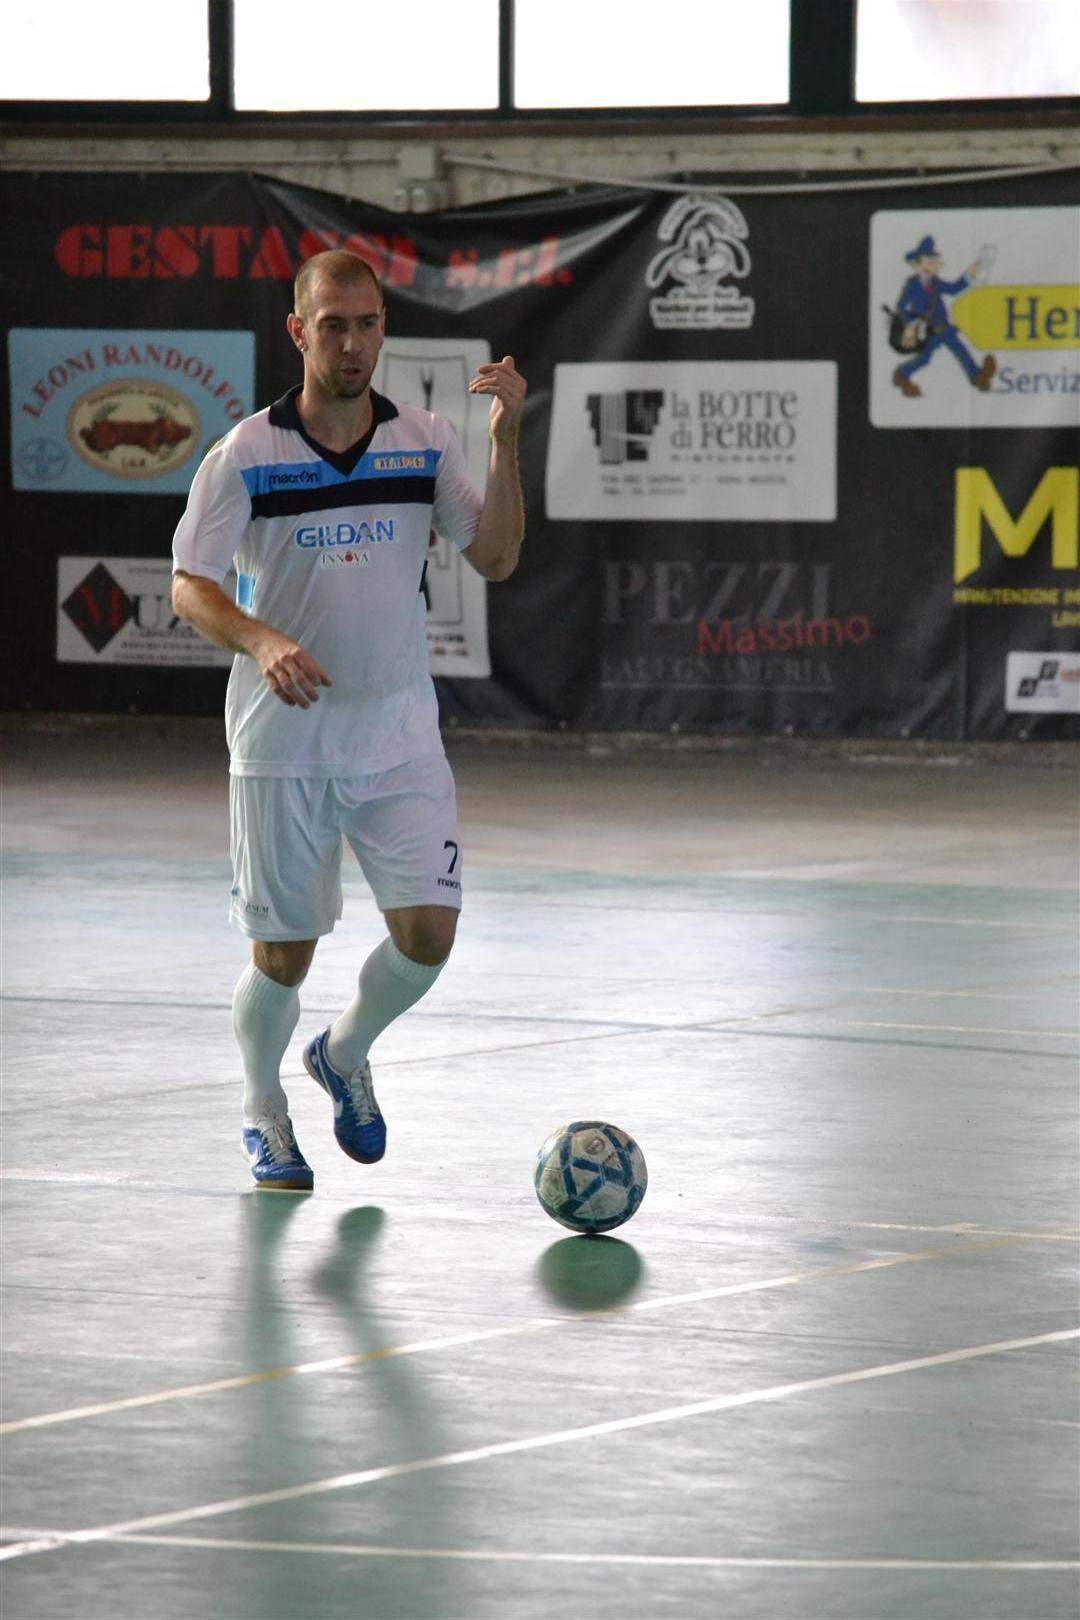 Luciano Mendes Carlisport Ariccia